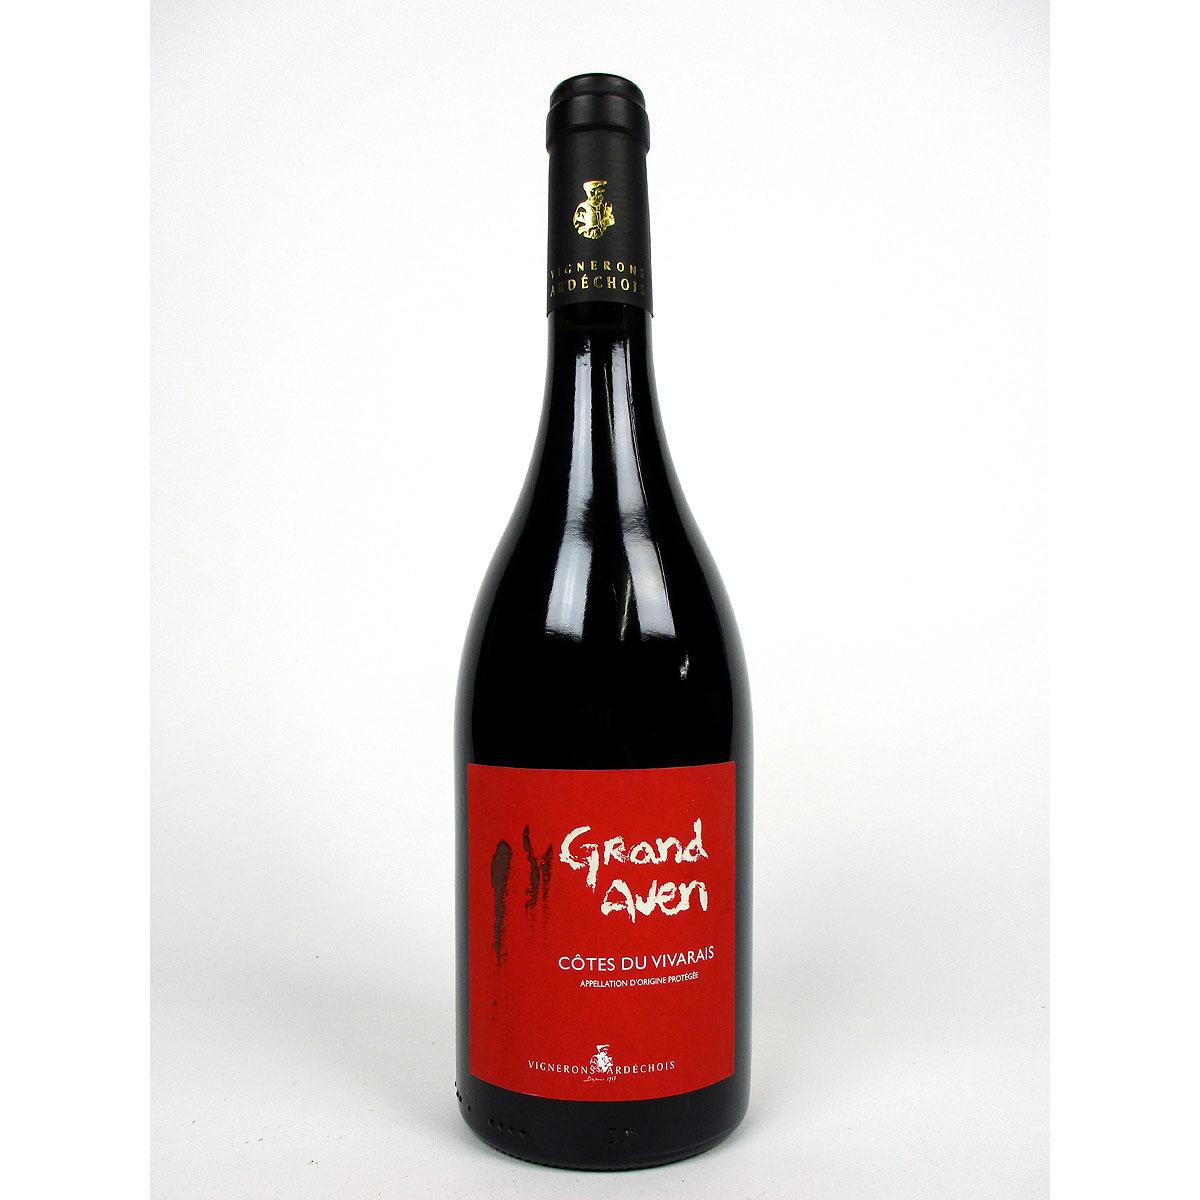 Côtes du Vivarais: Vignerons Ardéchois 'Grand Aven' 2019 - Bottle